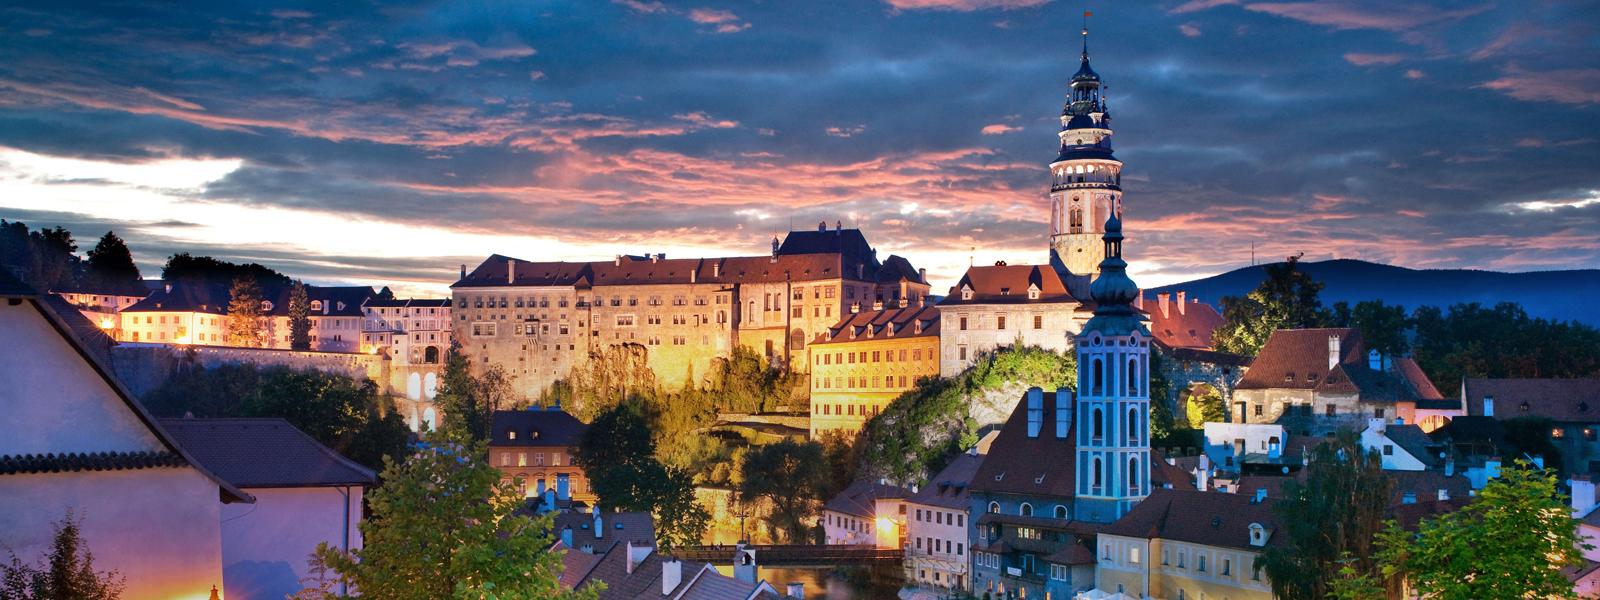 Tschechische Republik - Krumau